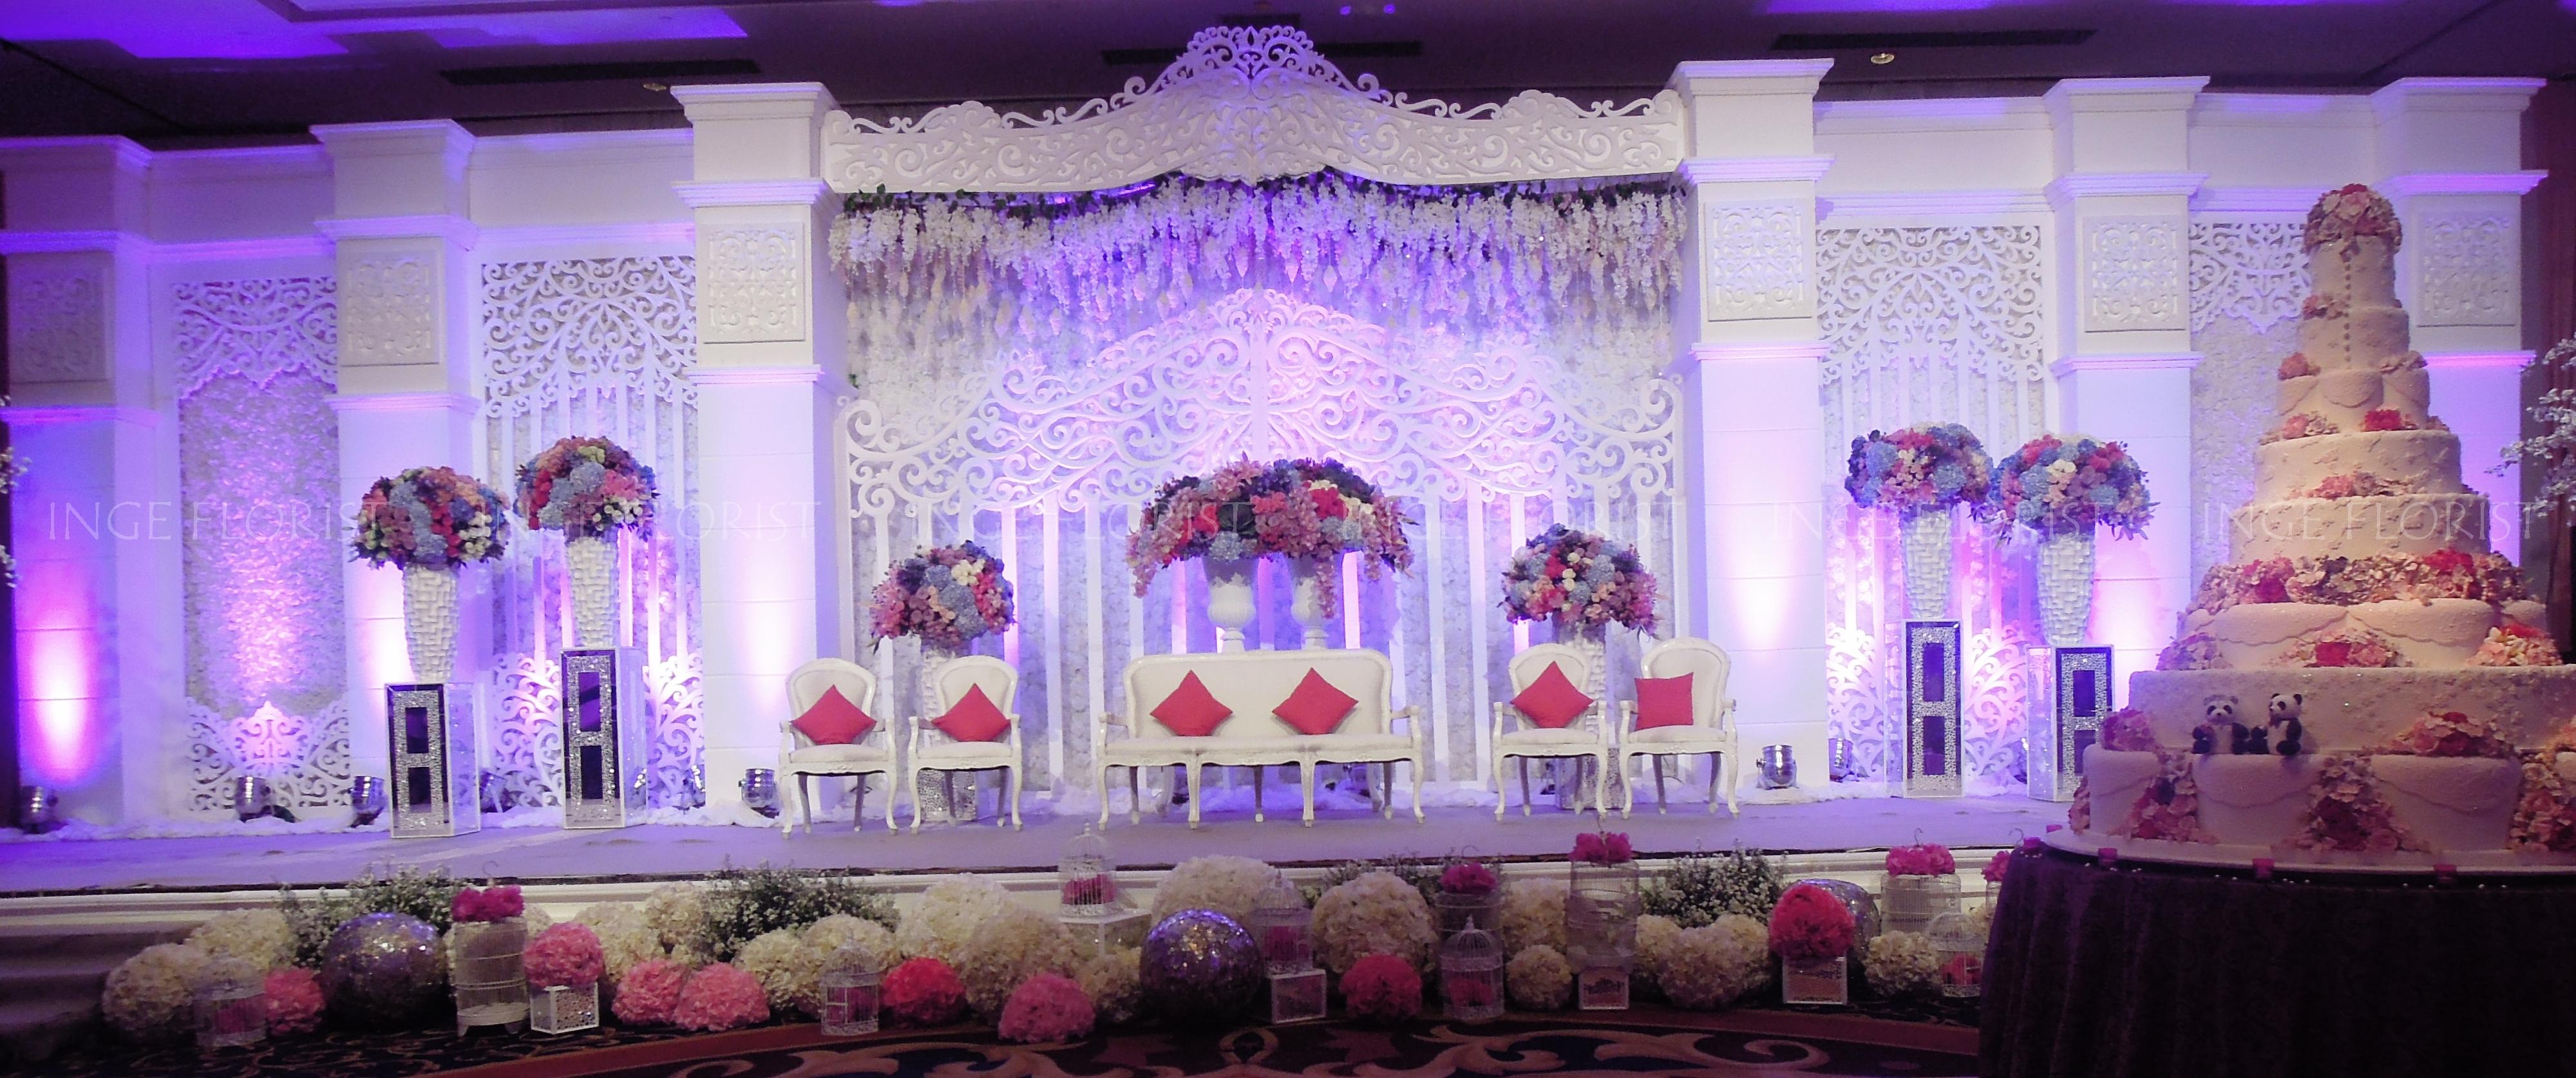 Pelaminan inge florist wedding decoration dekorasi pernikahan p if 11 junglespirit Image collections